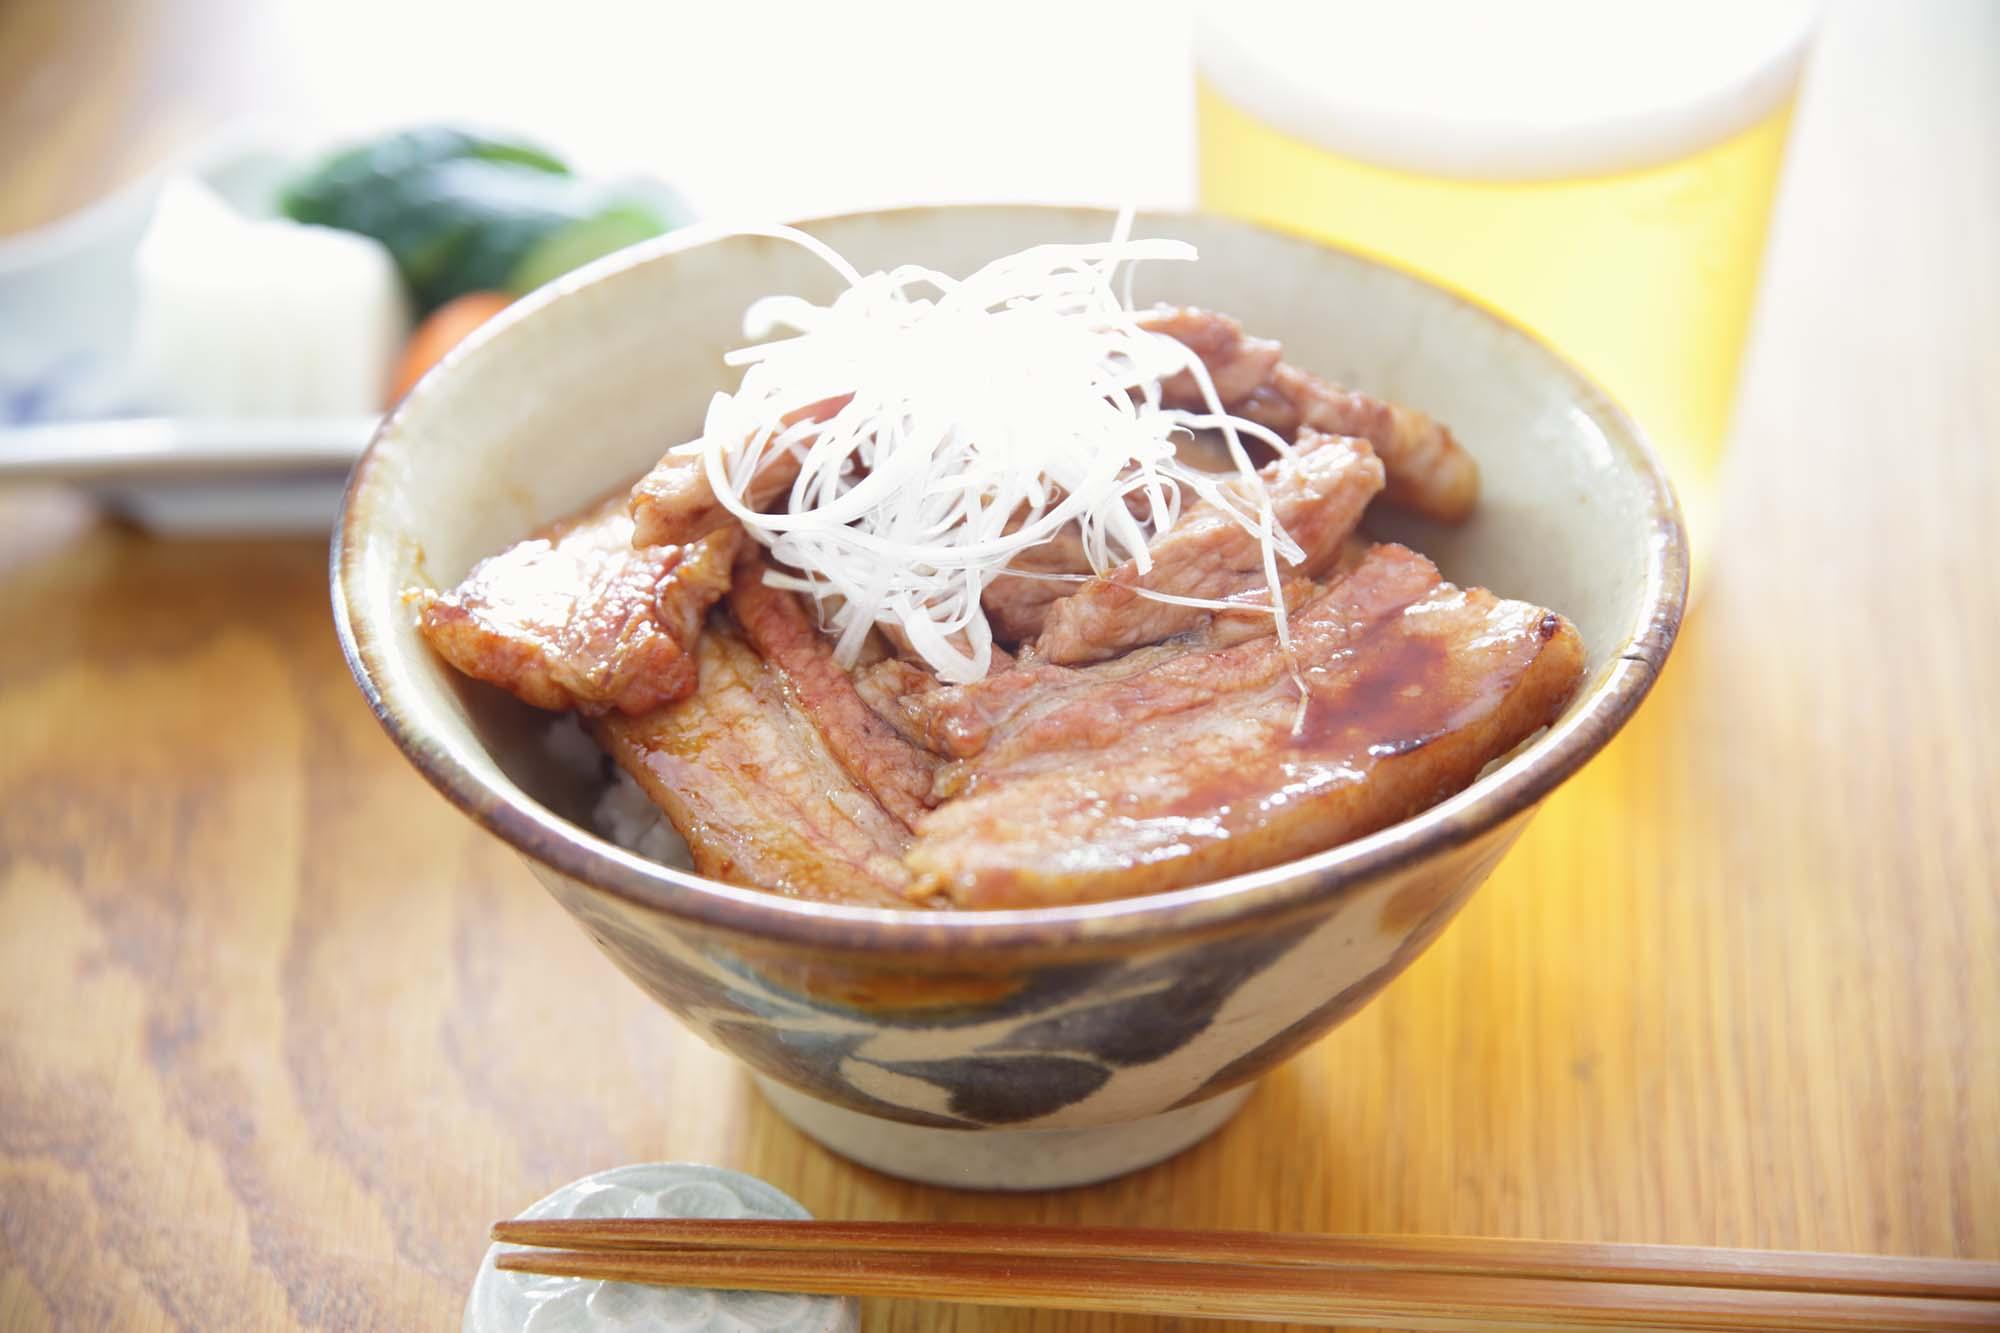 十勝風豚丼アップデート版